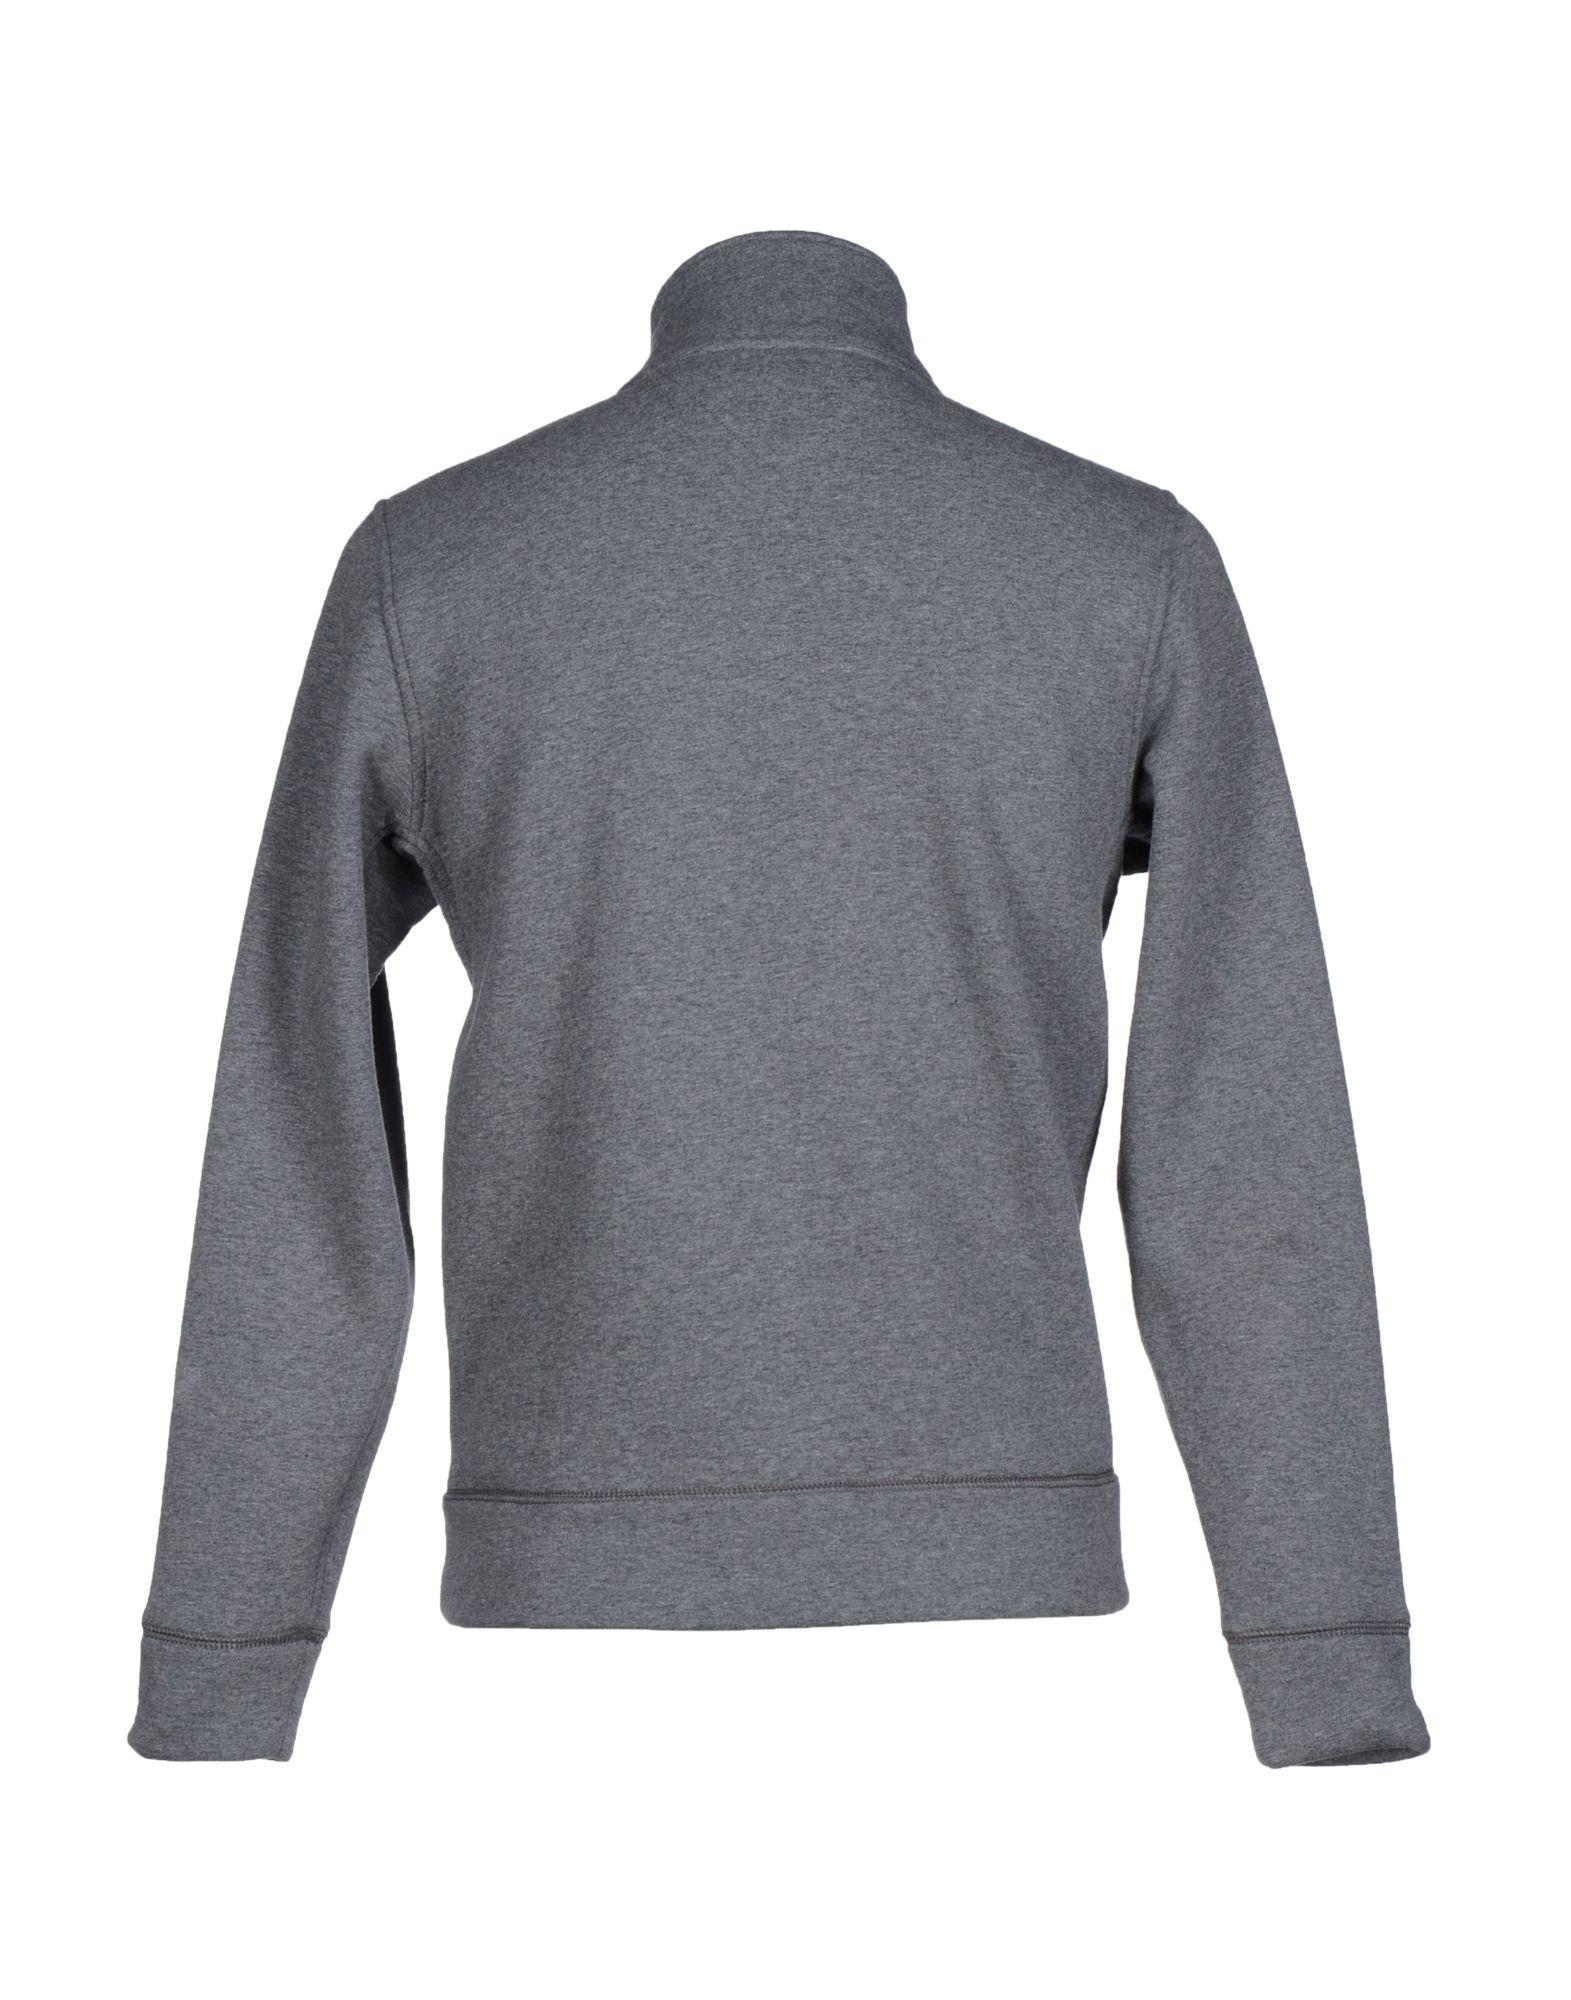 lyst tommy hilfiger sweatshirt in gray for men. Black Bedroom Furniture Sets. Home Design Ideas